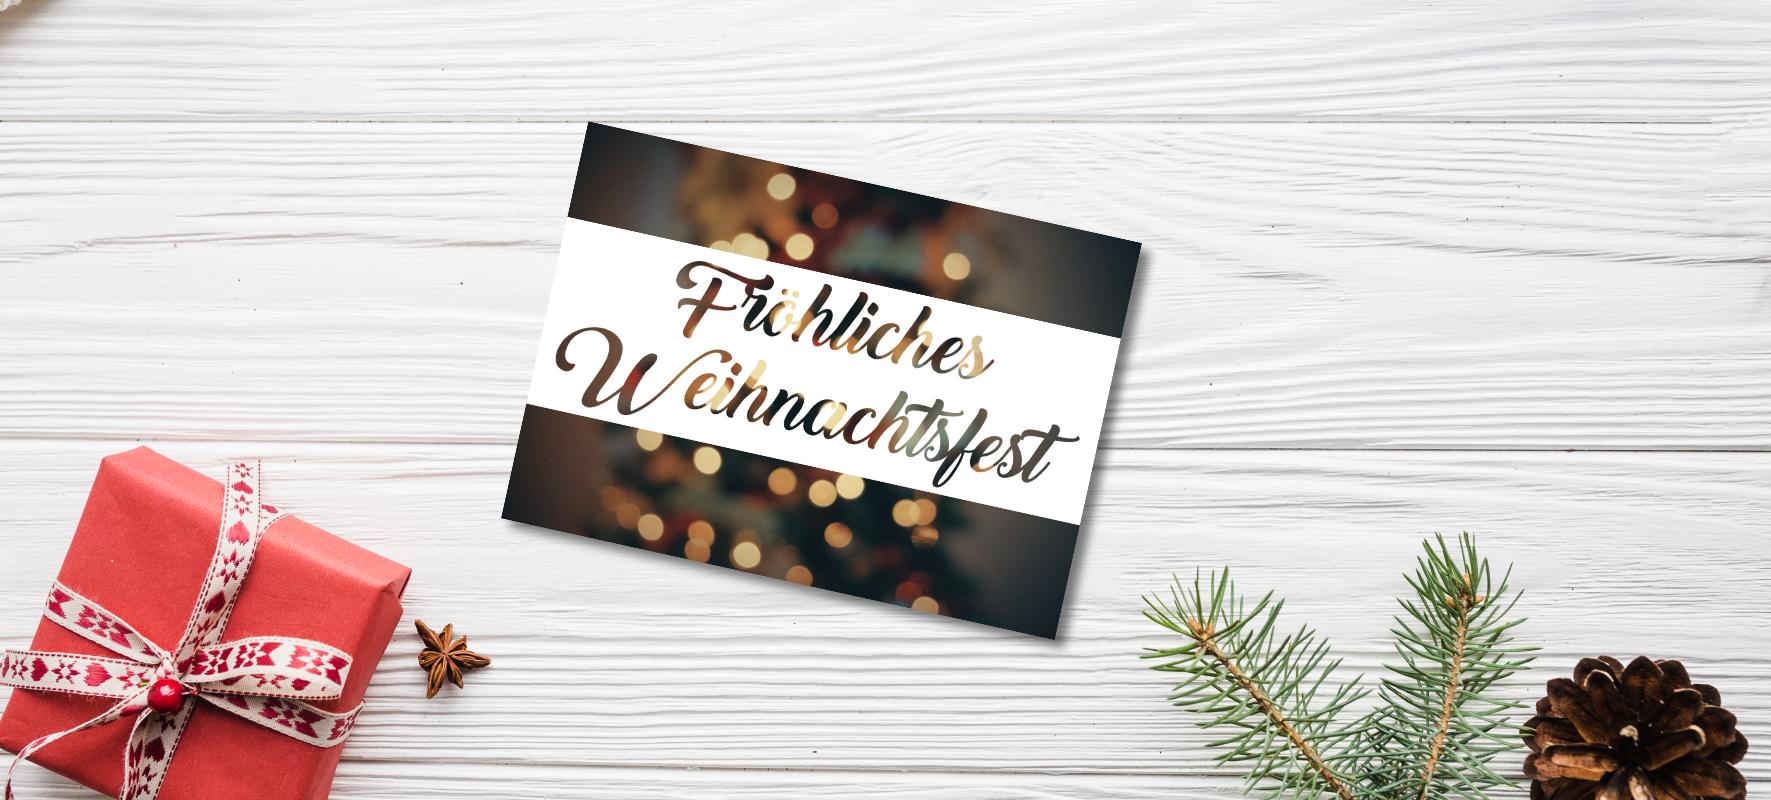 Wann Weihnachtskarten Versenden.Weihnachtsgrüße Geschäftlich Stressfrei Versenden